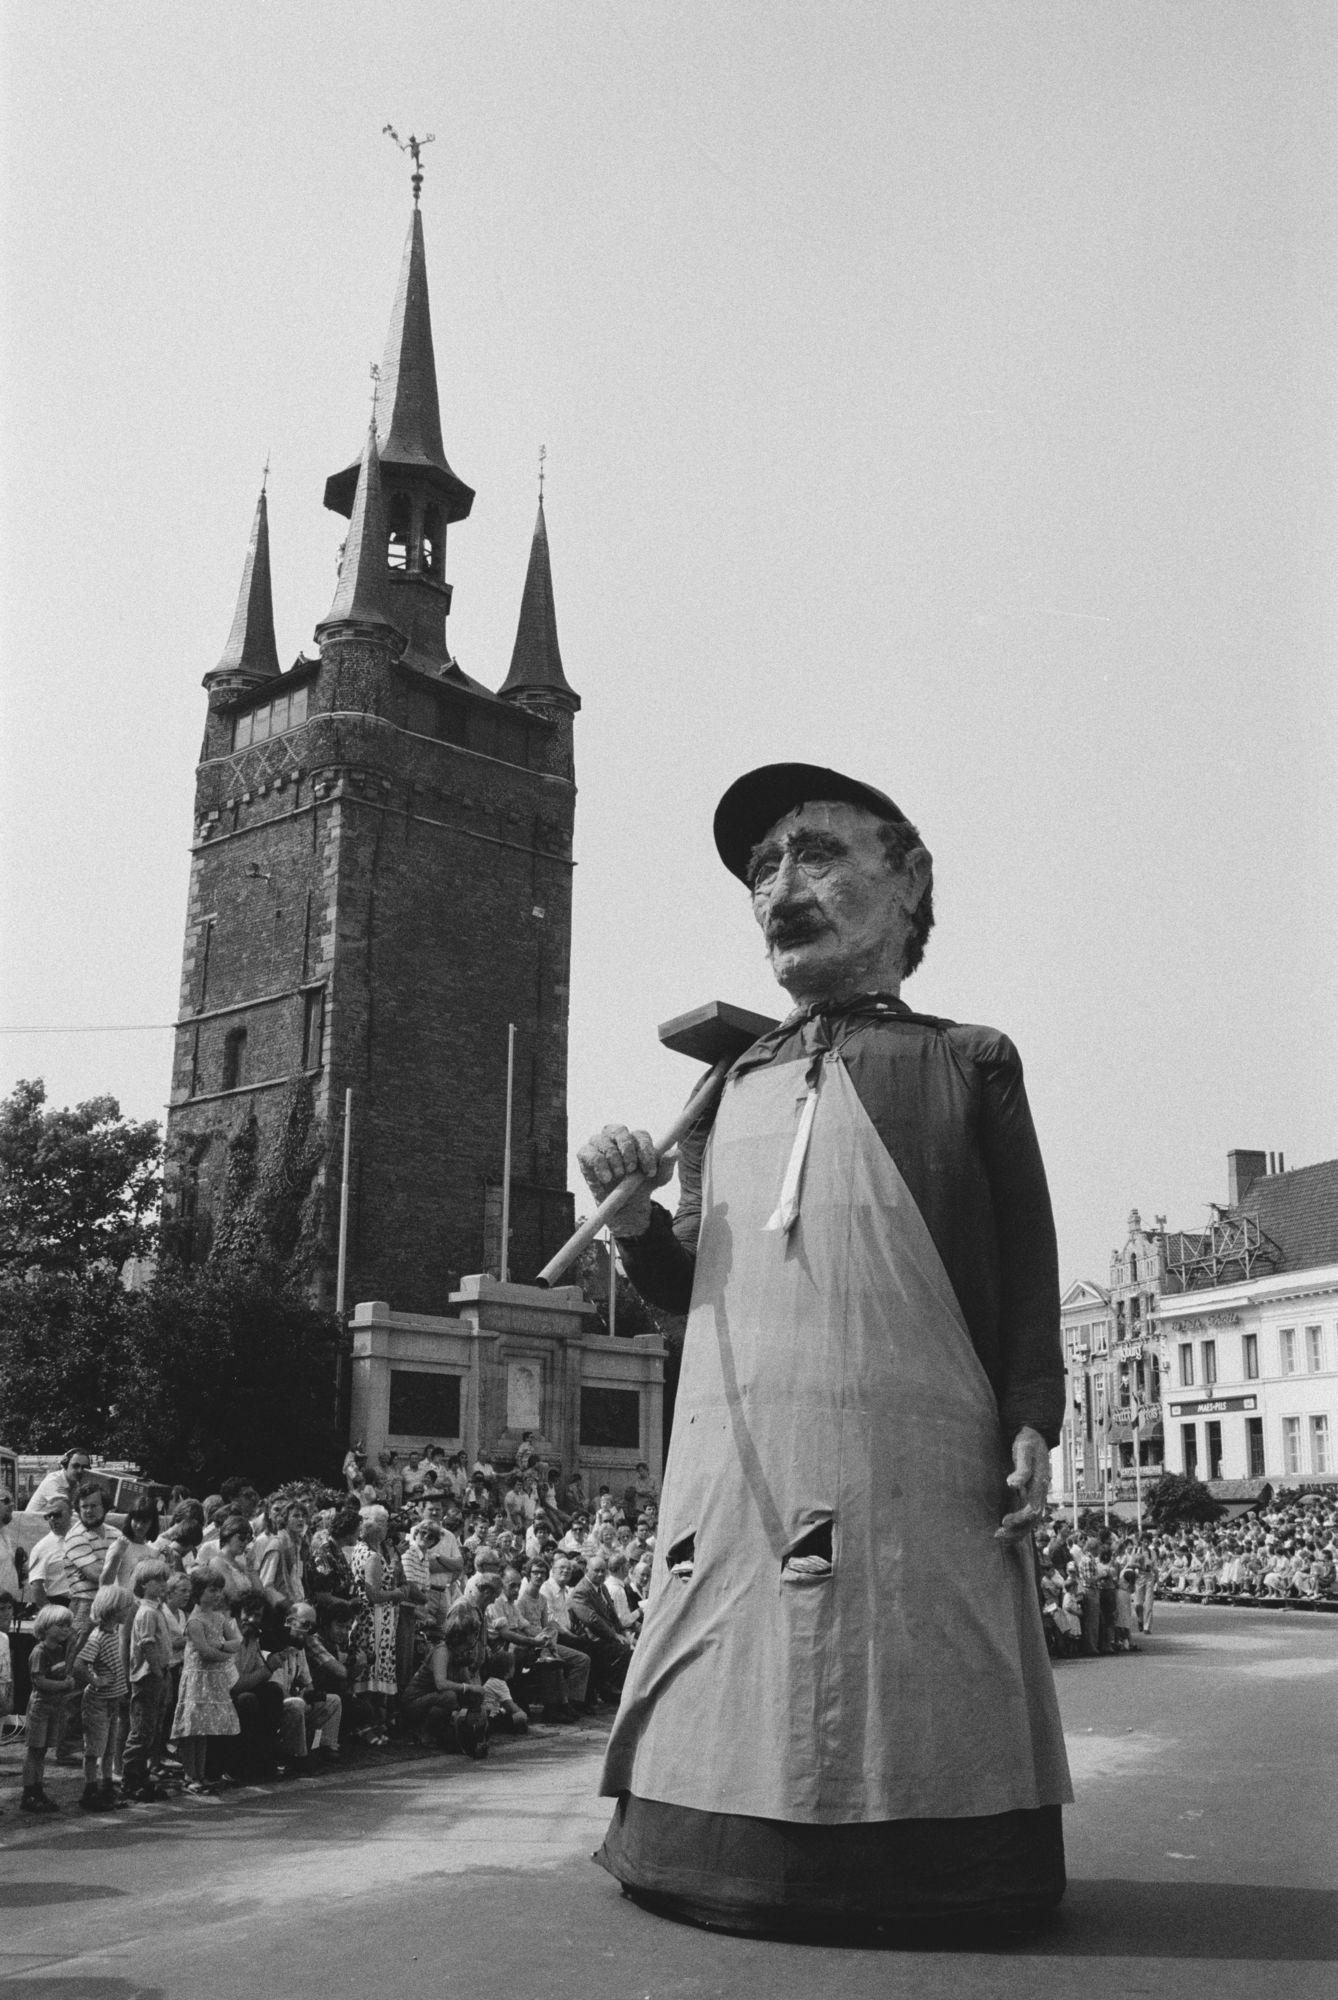 Reus in de historische stoet tijdens de 11 juliviering 1982